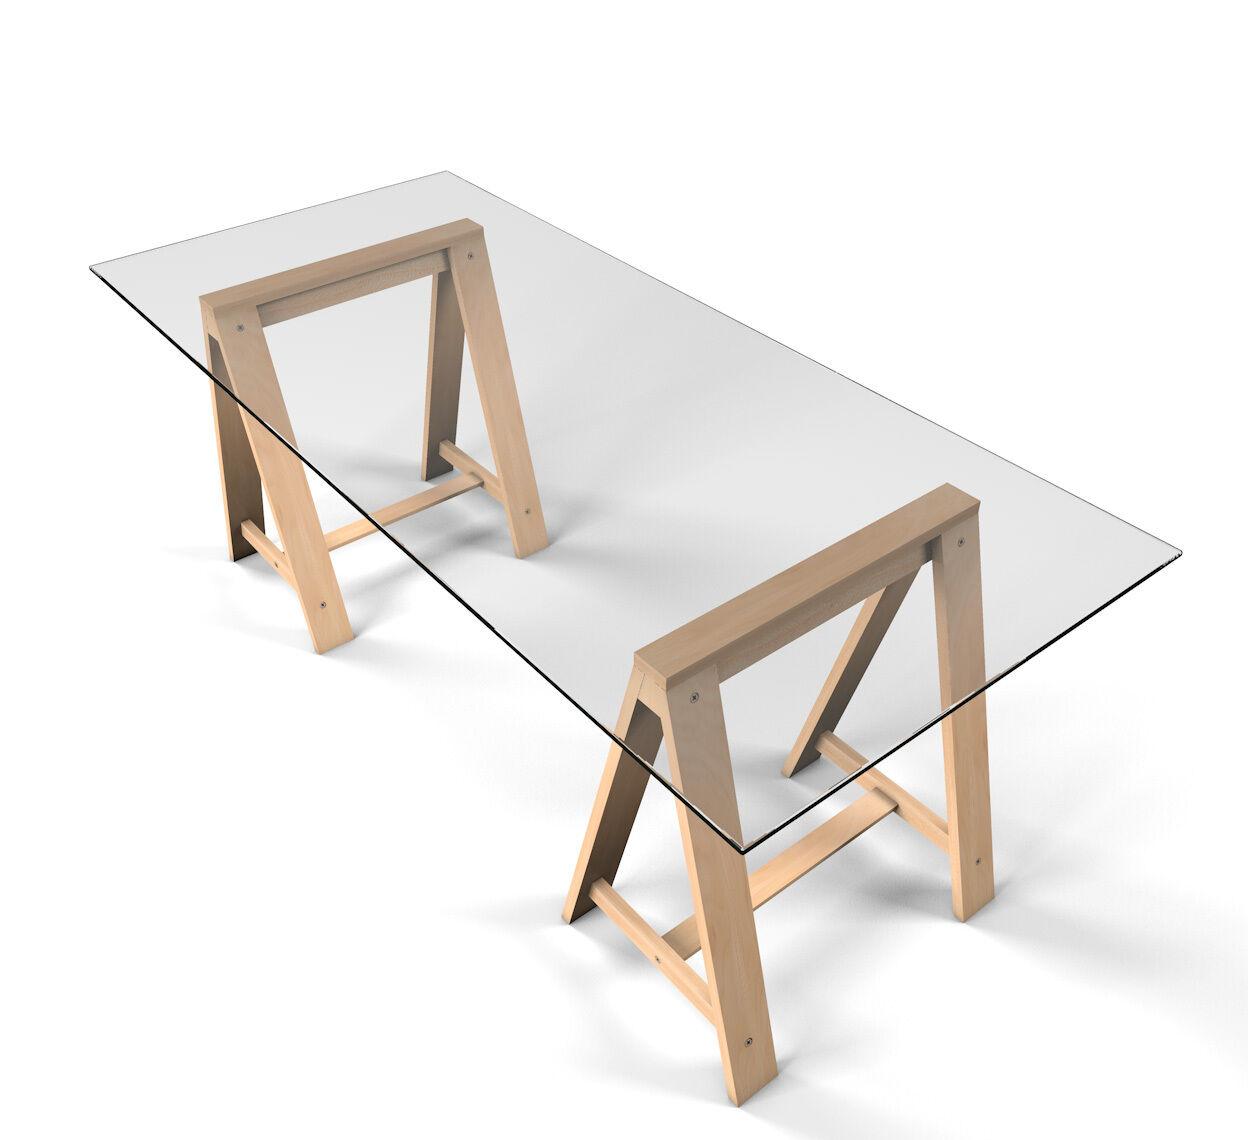 Couchtisch Glastisch Tisch Beistelltisch Tisch Glastisch